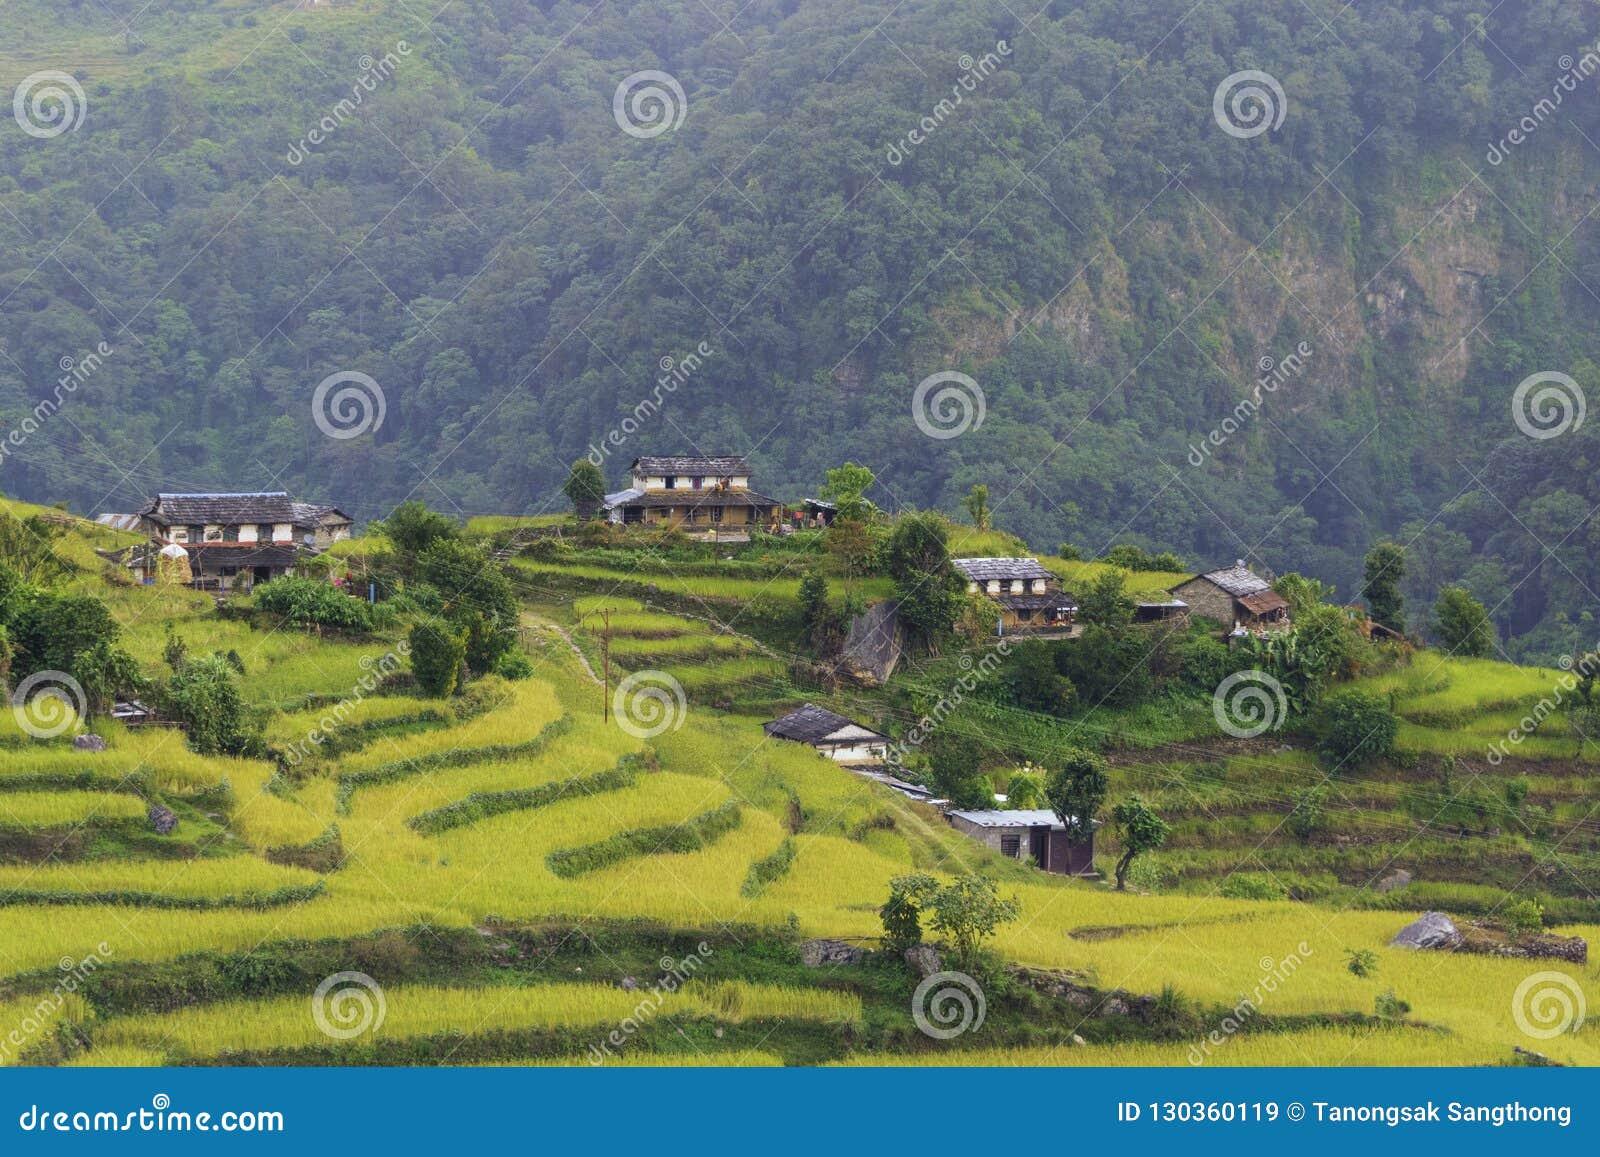 Terrasses, gisements de riz et villages en Himalaya